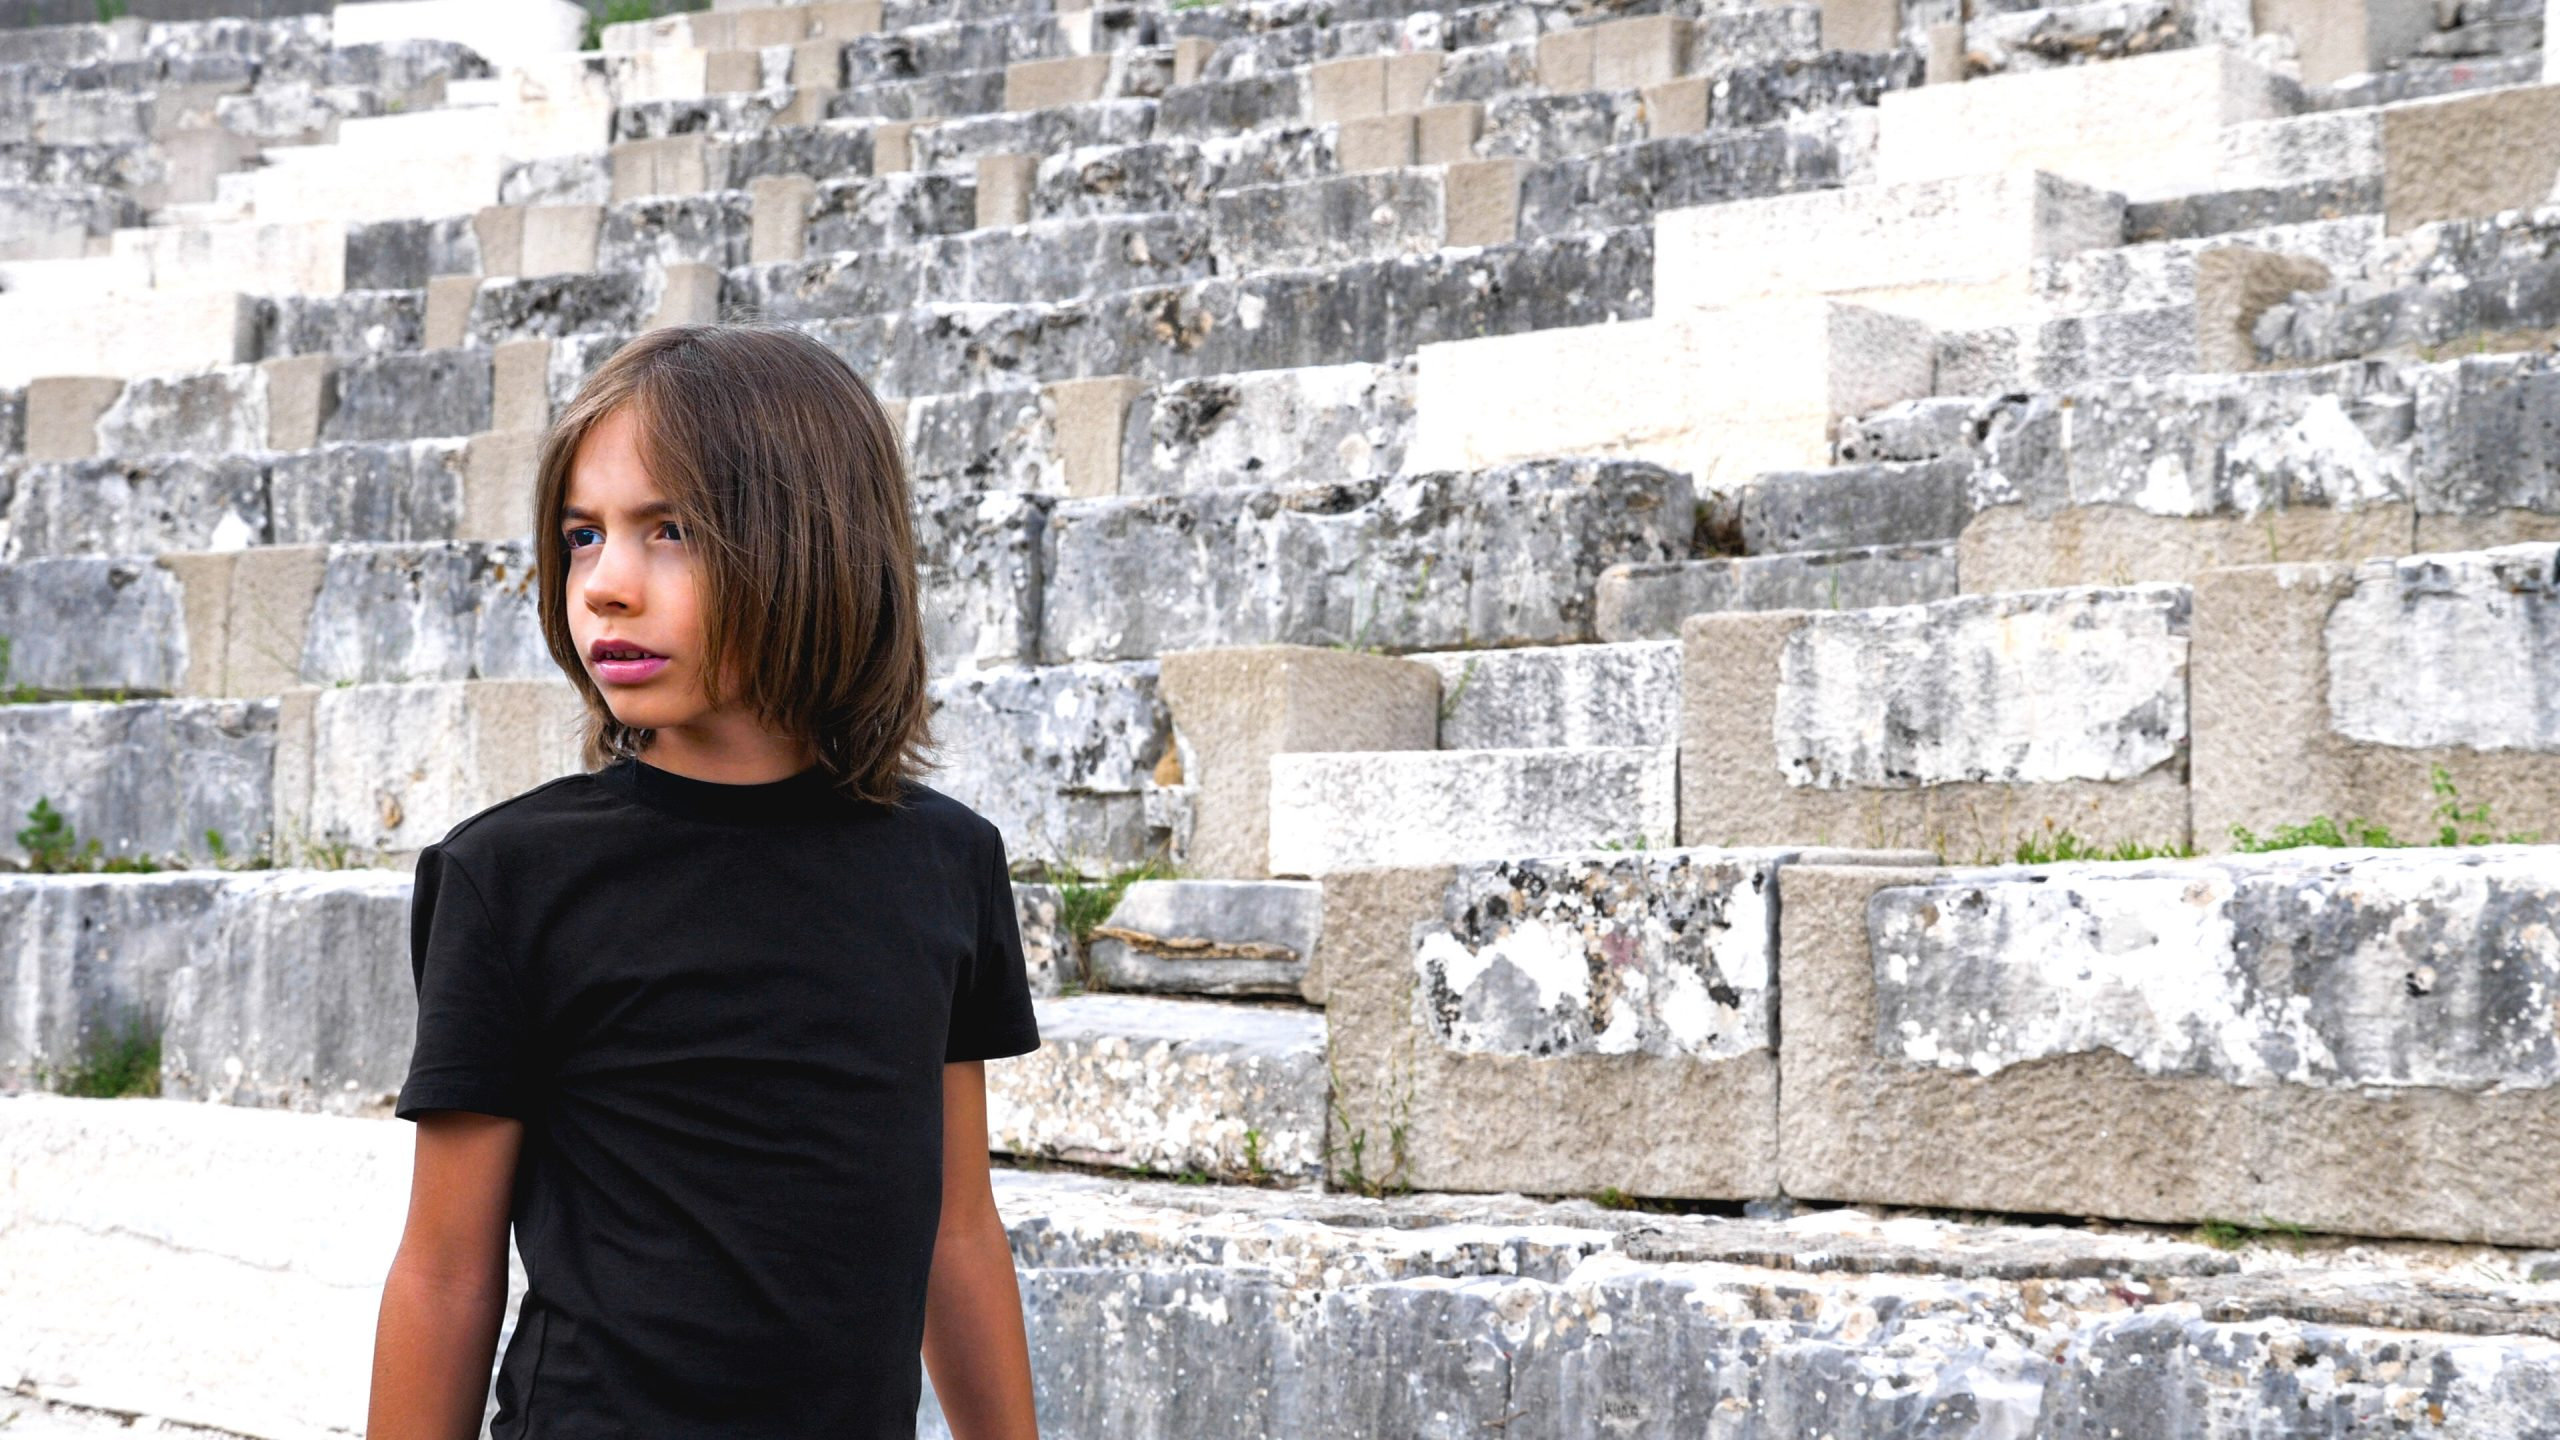 """Ο Στέλιος Κερασίδης διασκευάζει το """"Γιάννη μου το μαντήλι σου"""" στο αρχαίο θέατρο της Δωδώνης - Δείτε το επικό video"""